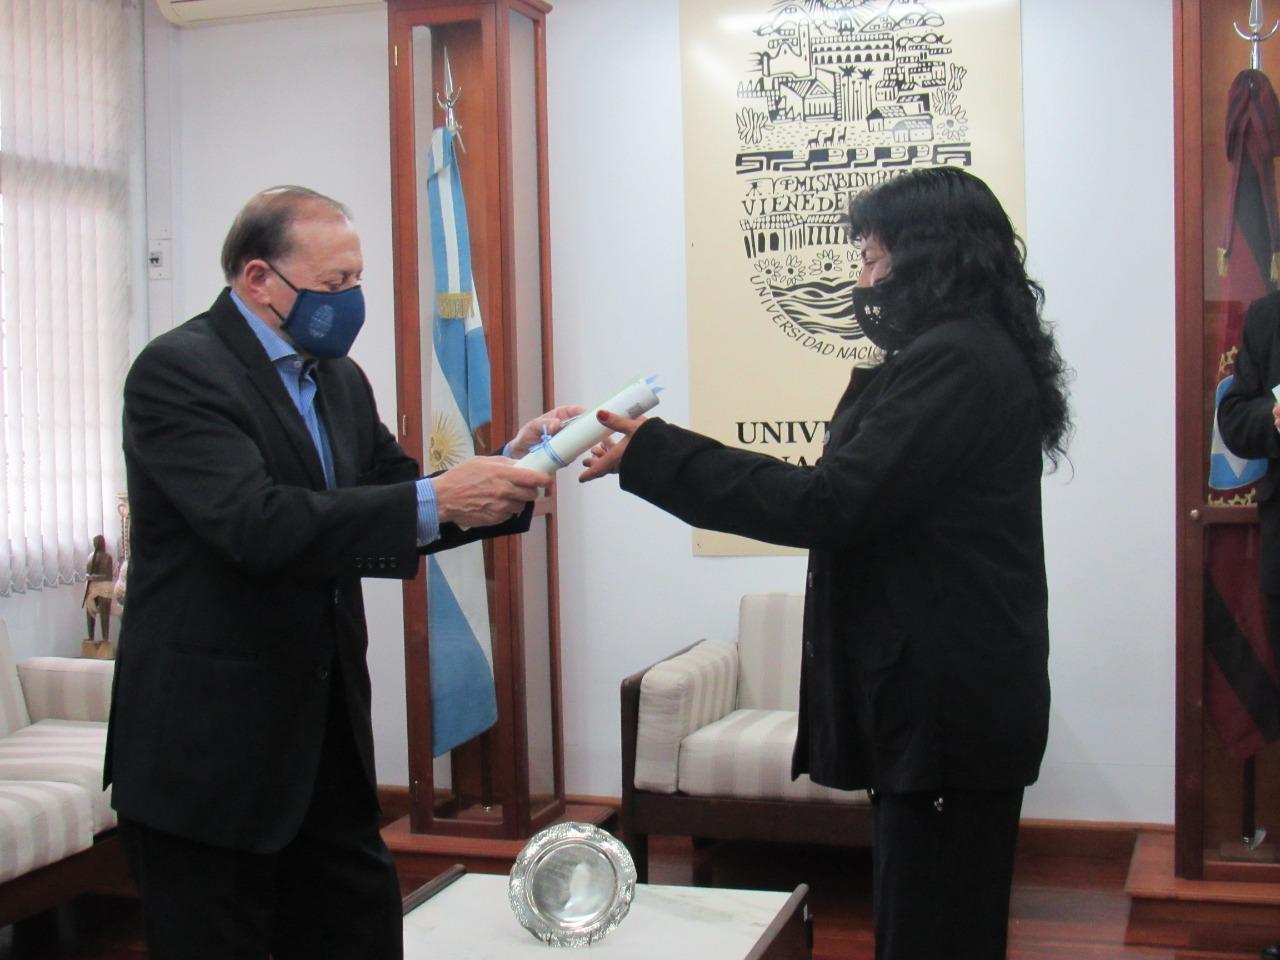 Luz Alvarado de la comunidad Misión La Paz, se recibió de enfermera universitaria